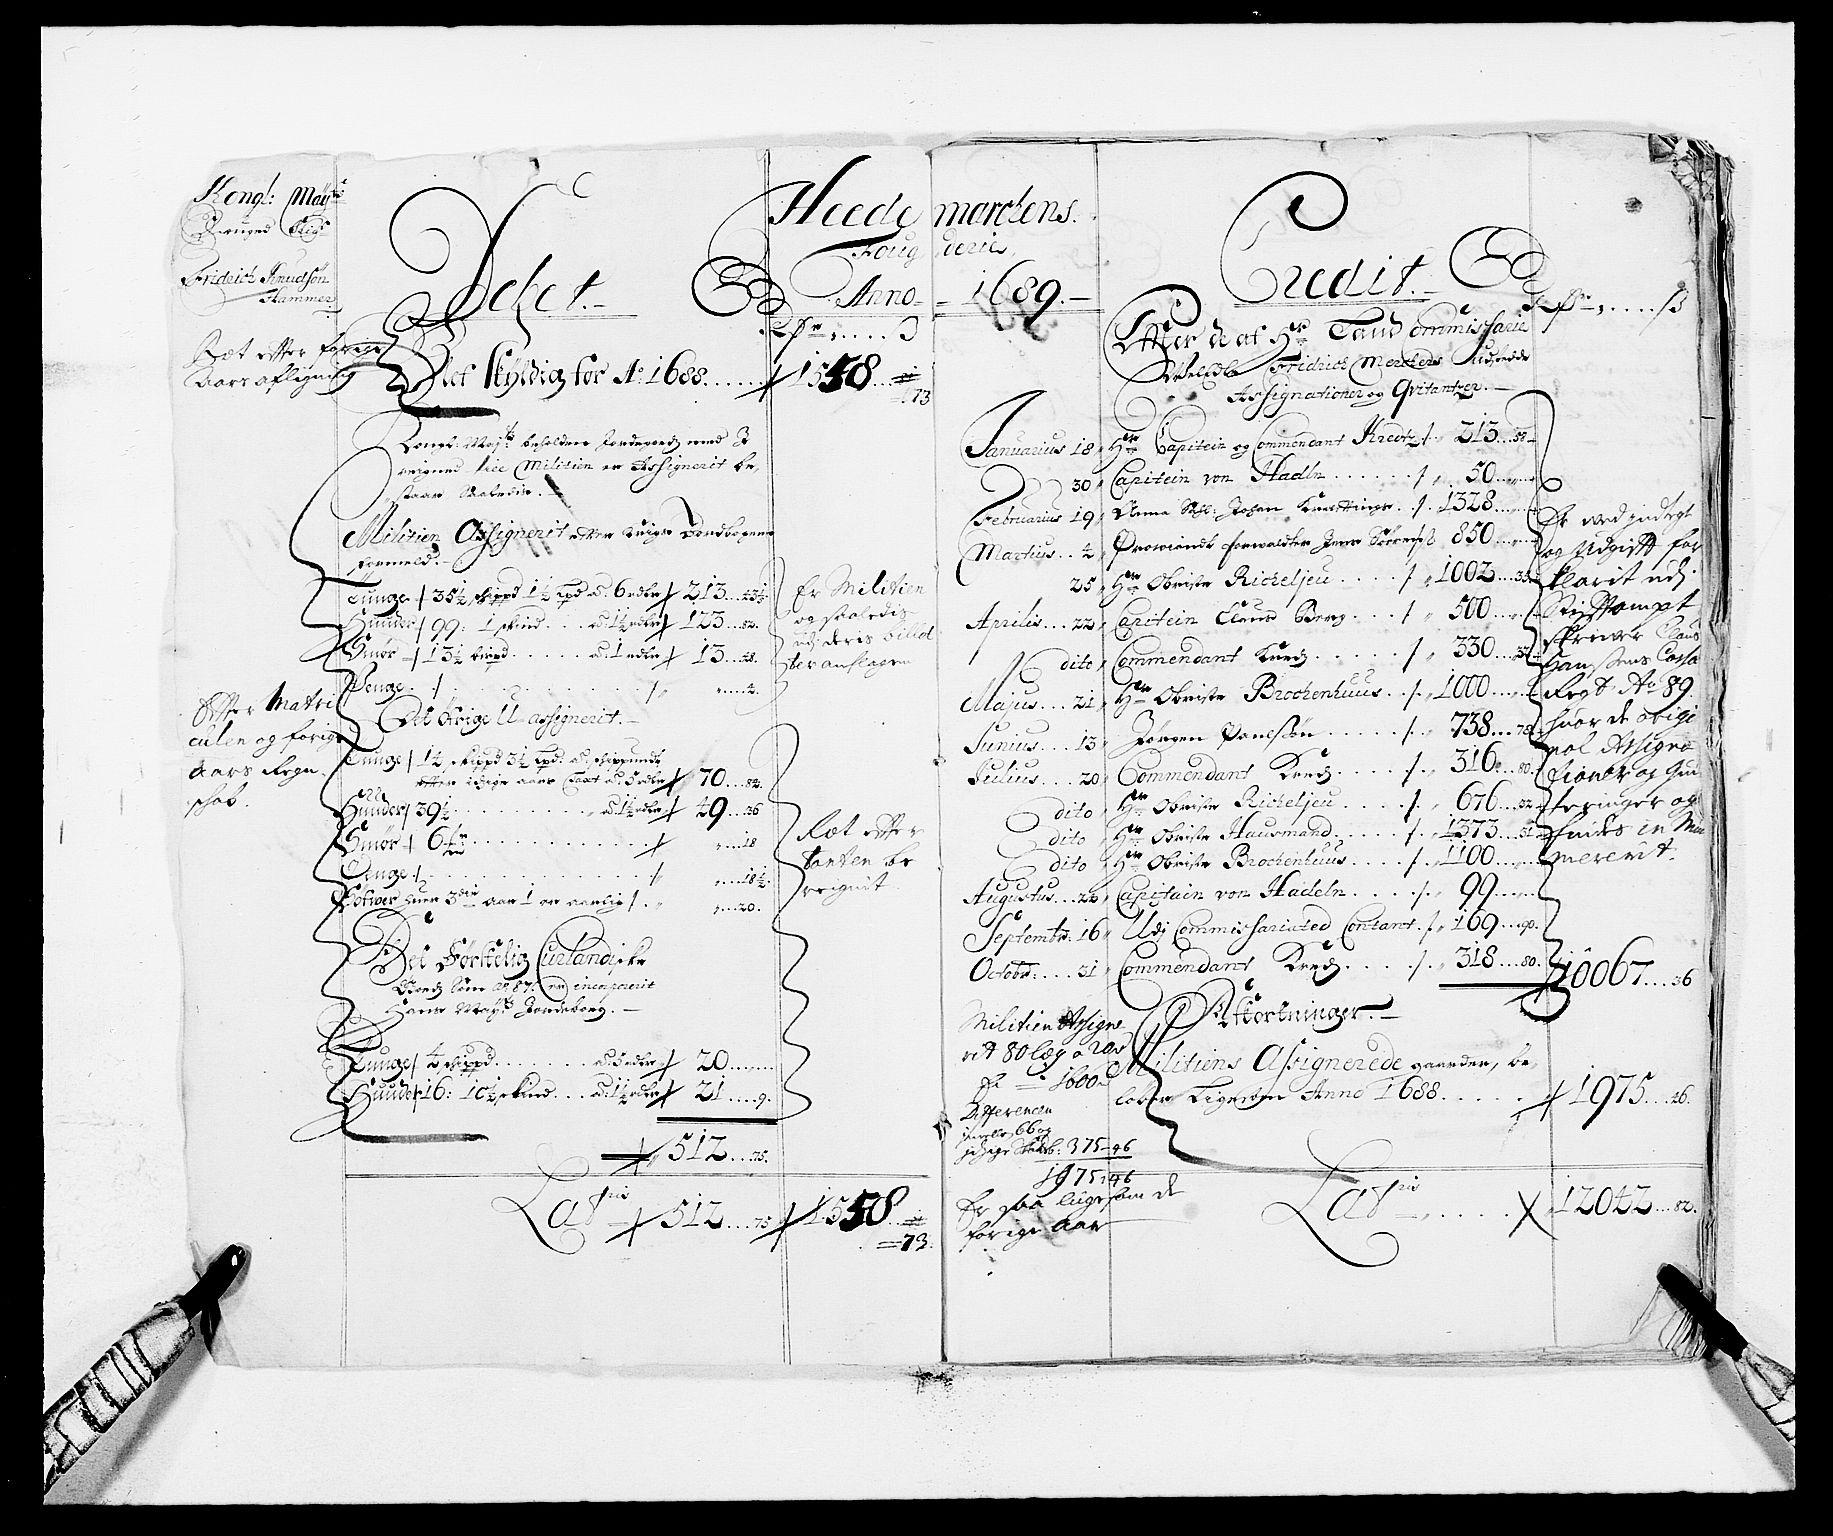 RA, Rentekammeret inntil 1814, Reviderte regnskaper, Fogderegnskap, R16/L1030: Fogderegnskap Hedmark, 1689-1691, s. 2